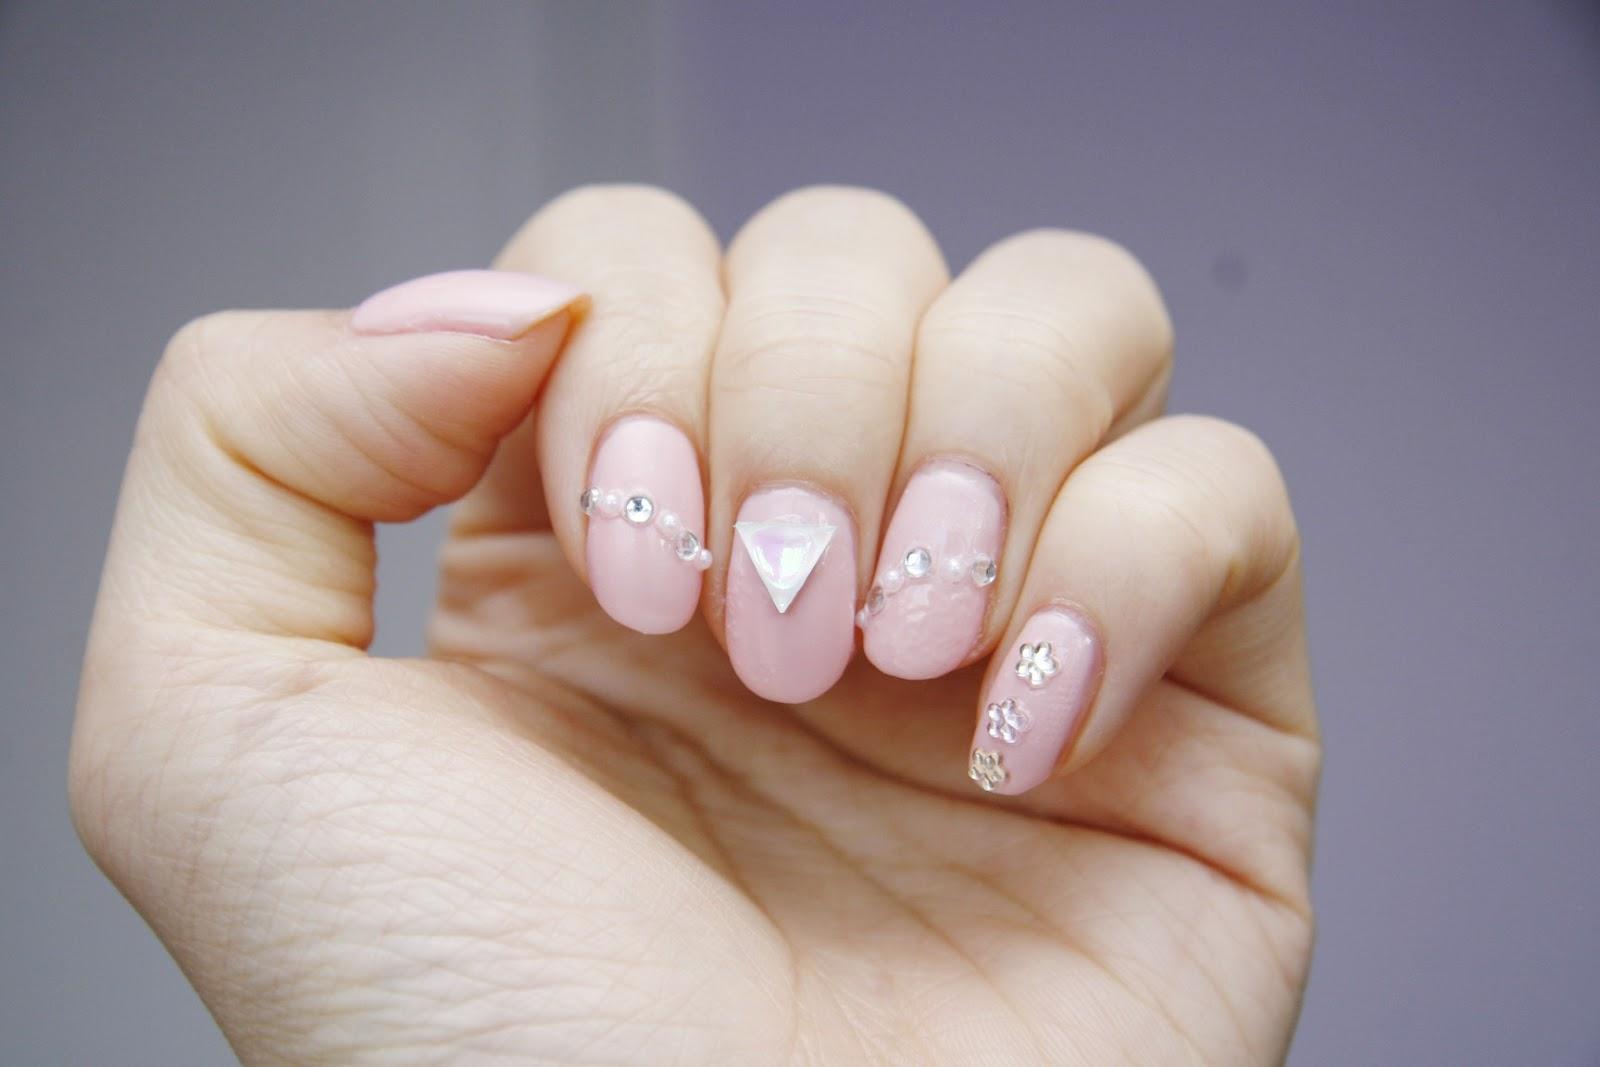 Perfect Kiss Nail Art Glue Photo - Nail Art Ideas - morihati.com